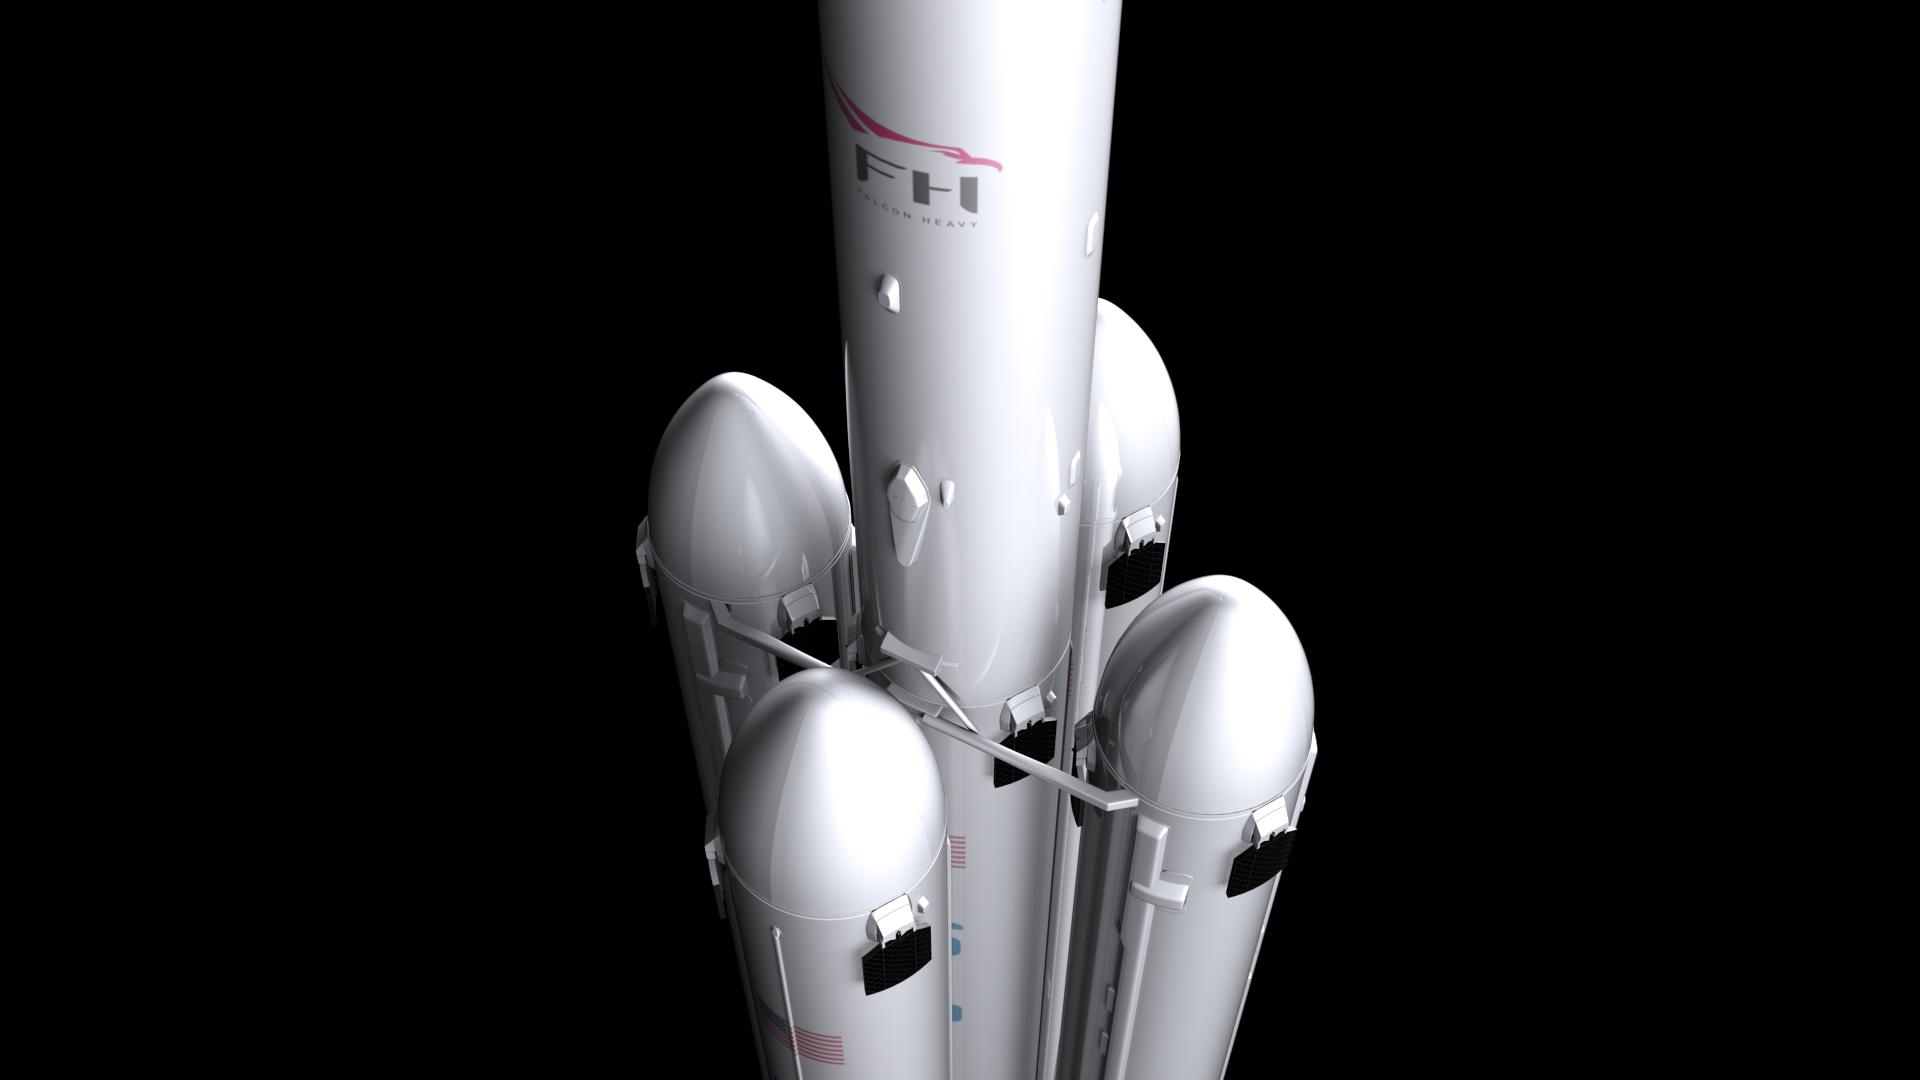 falcon super heavy v1.2 3d model max fbx c4d lwo ma mb hrc xsi obj 277916